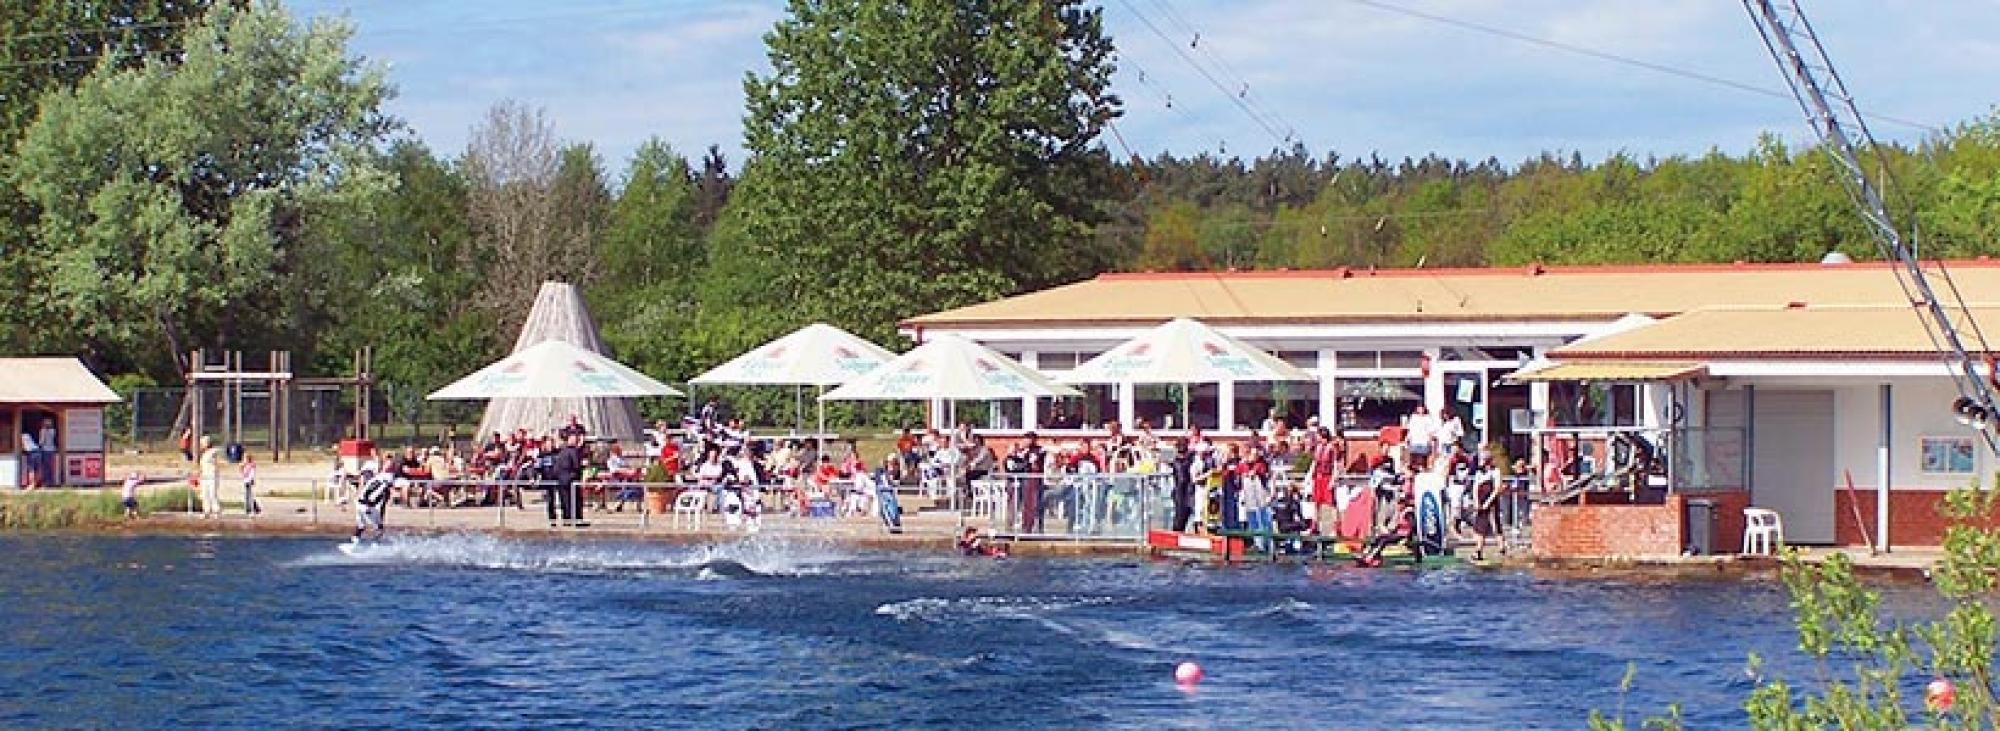 Wasserski Zachun